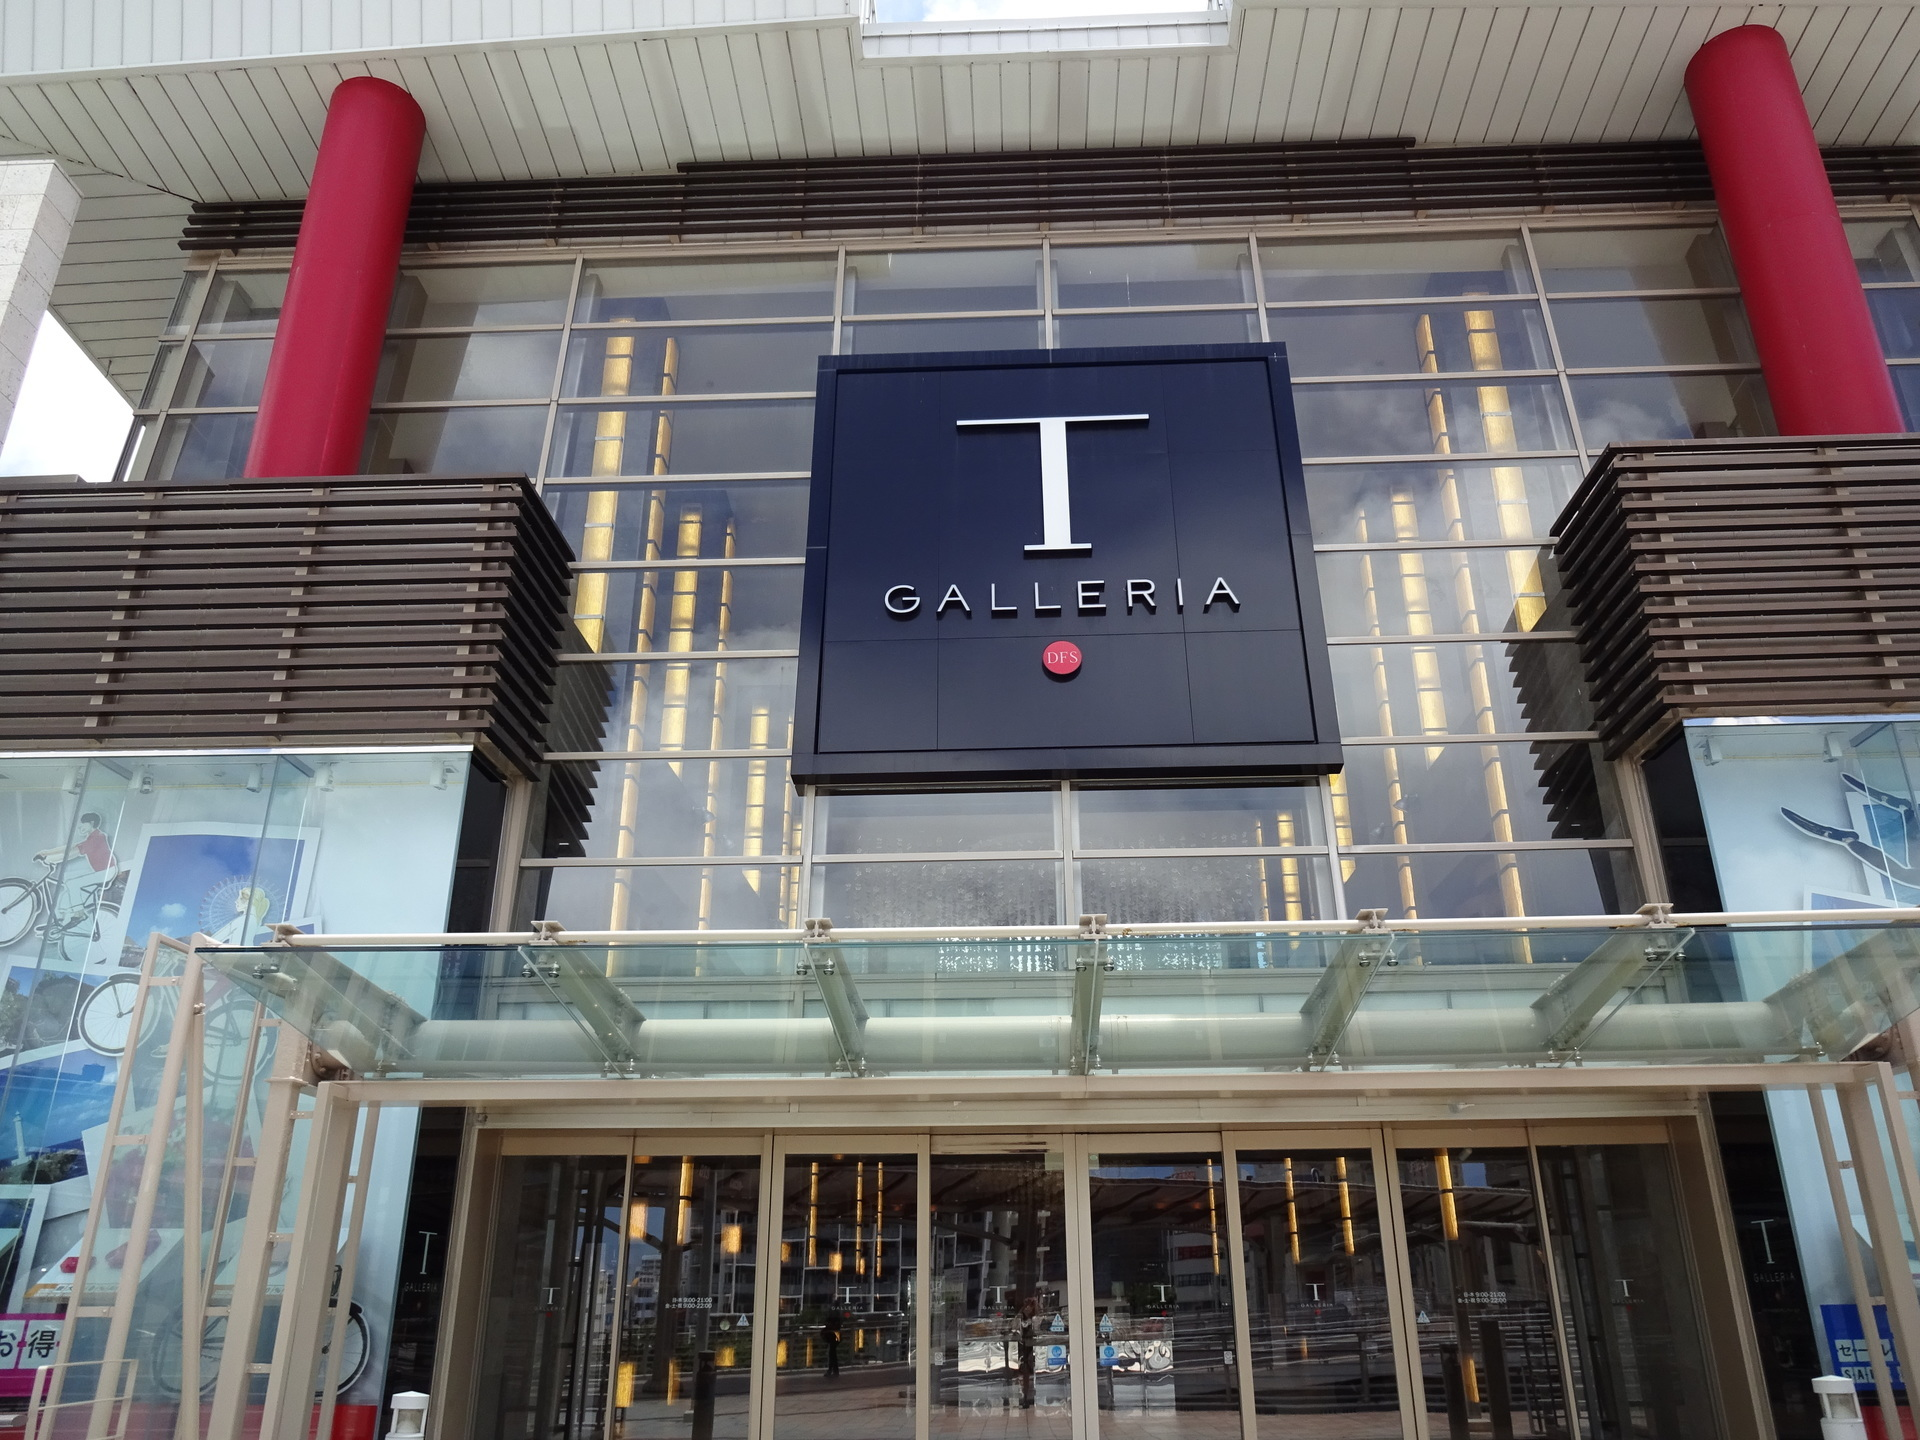 沖縄の免税店Tギャラリアでショッピング!化粧品から高級ブランド品まで揃う!